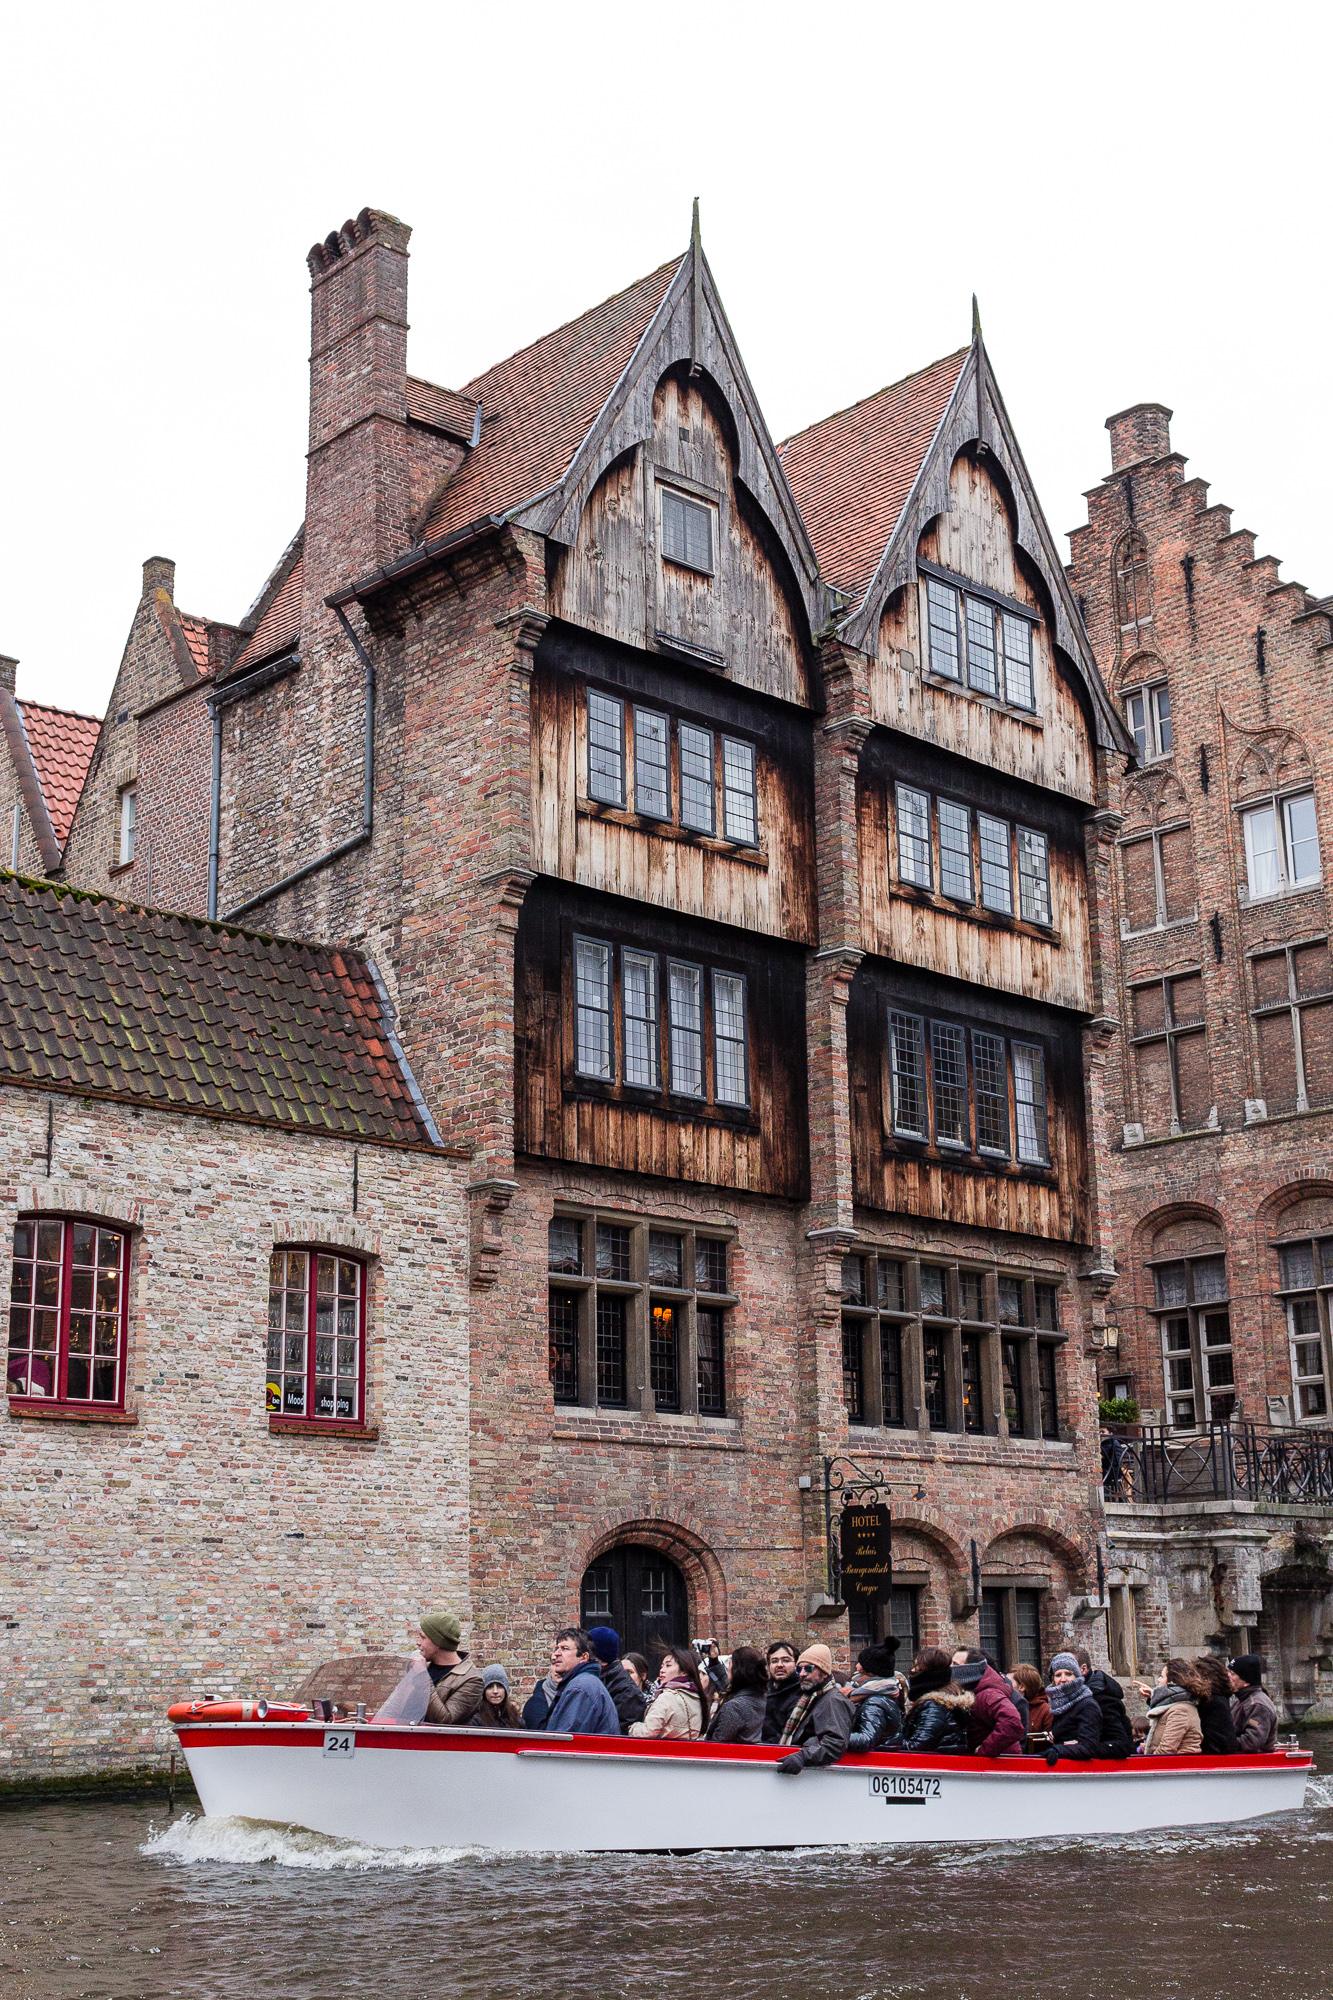 Touristes en barque sur les canaux de Bruges, et maison médiéval en arrière plan, Belgique